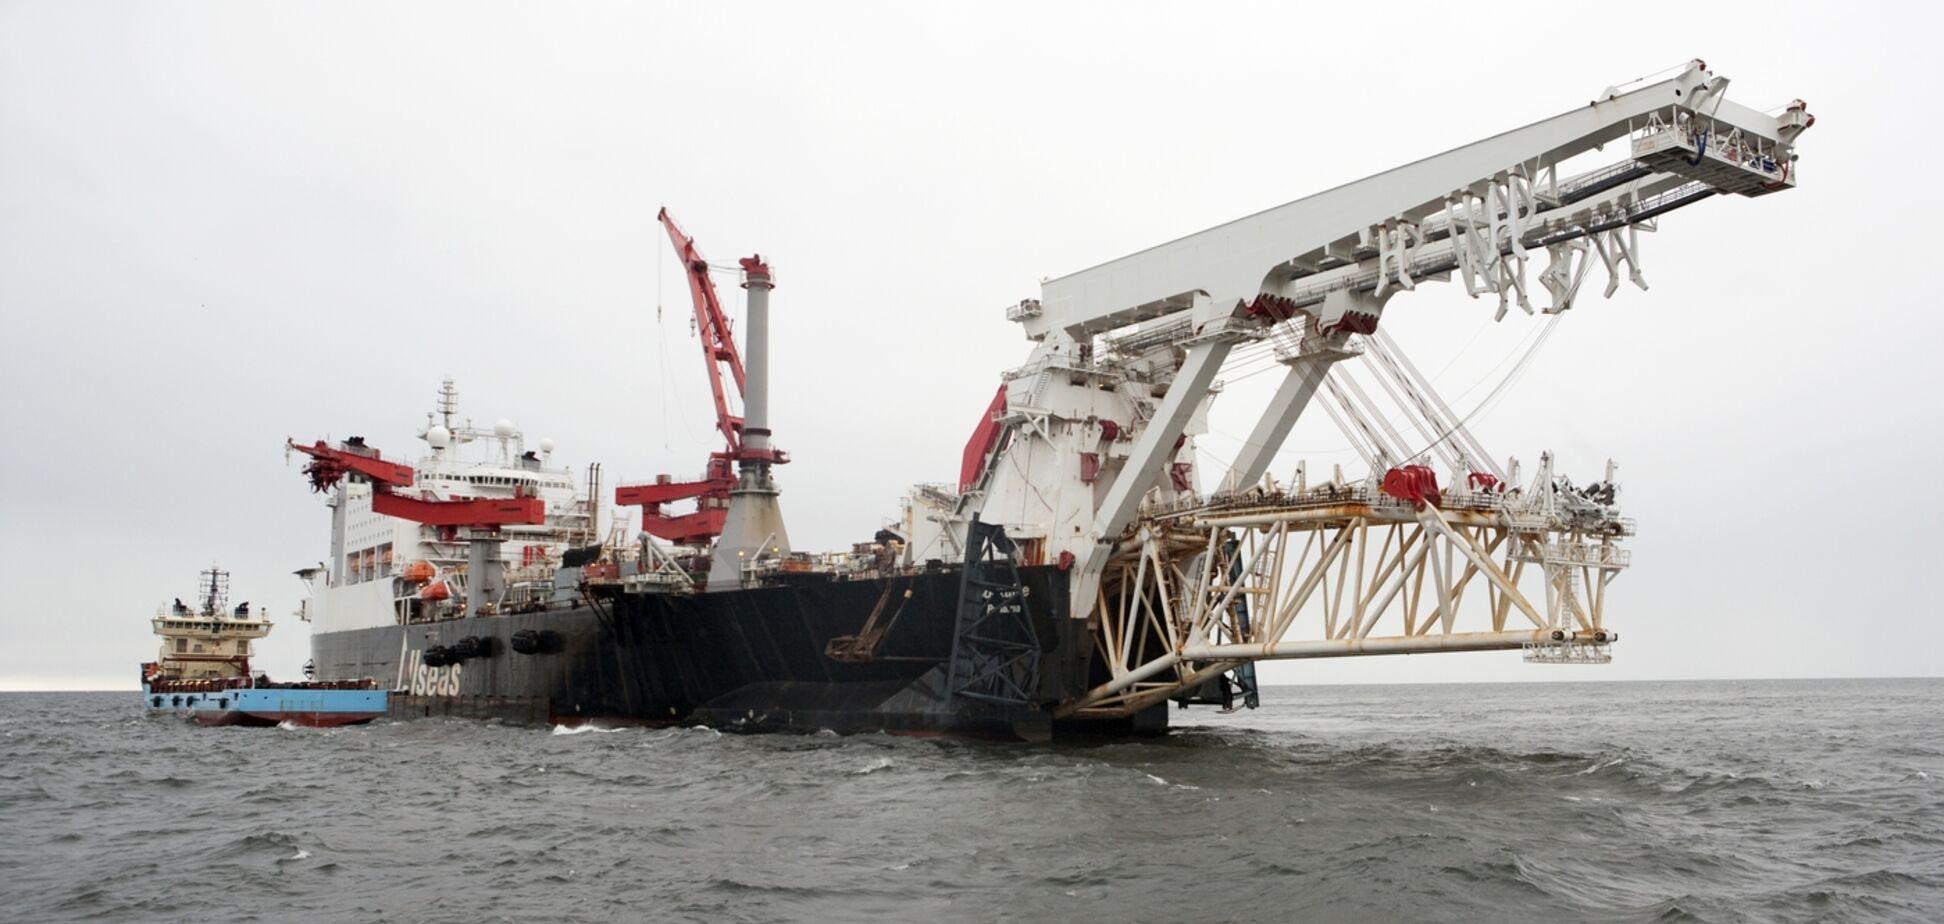 Еще одна страна вступилась за 'Северный поток-2' после угроз США санкциями